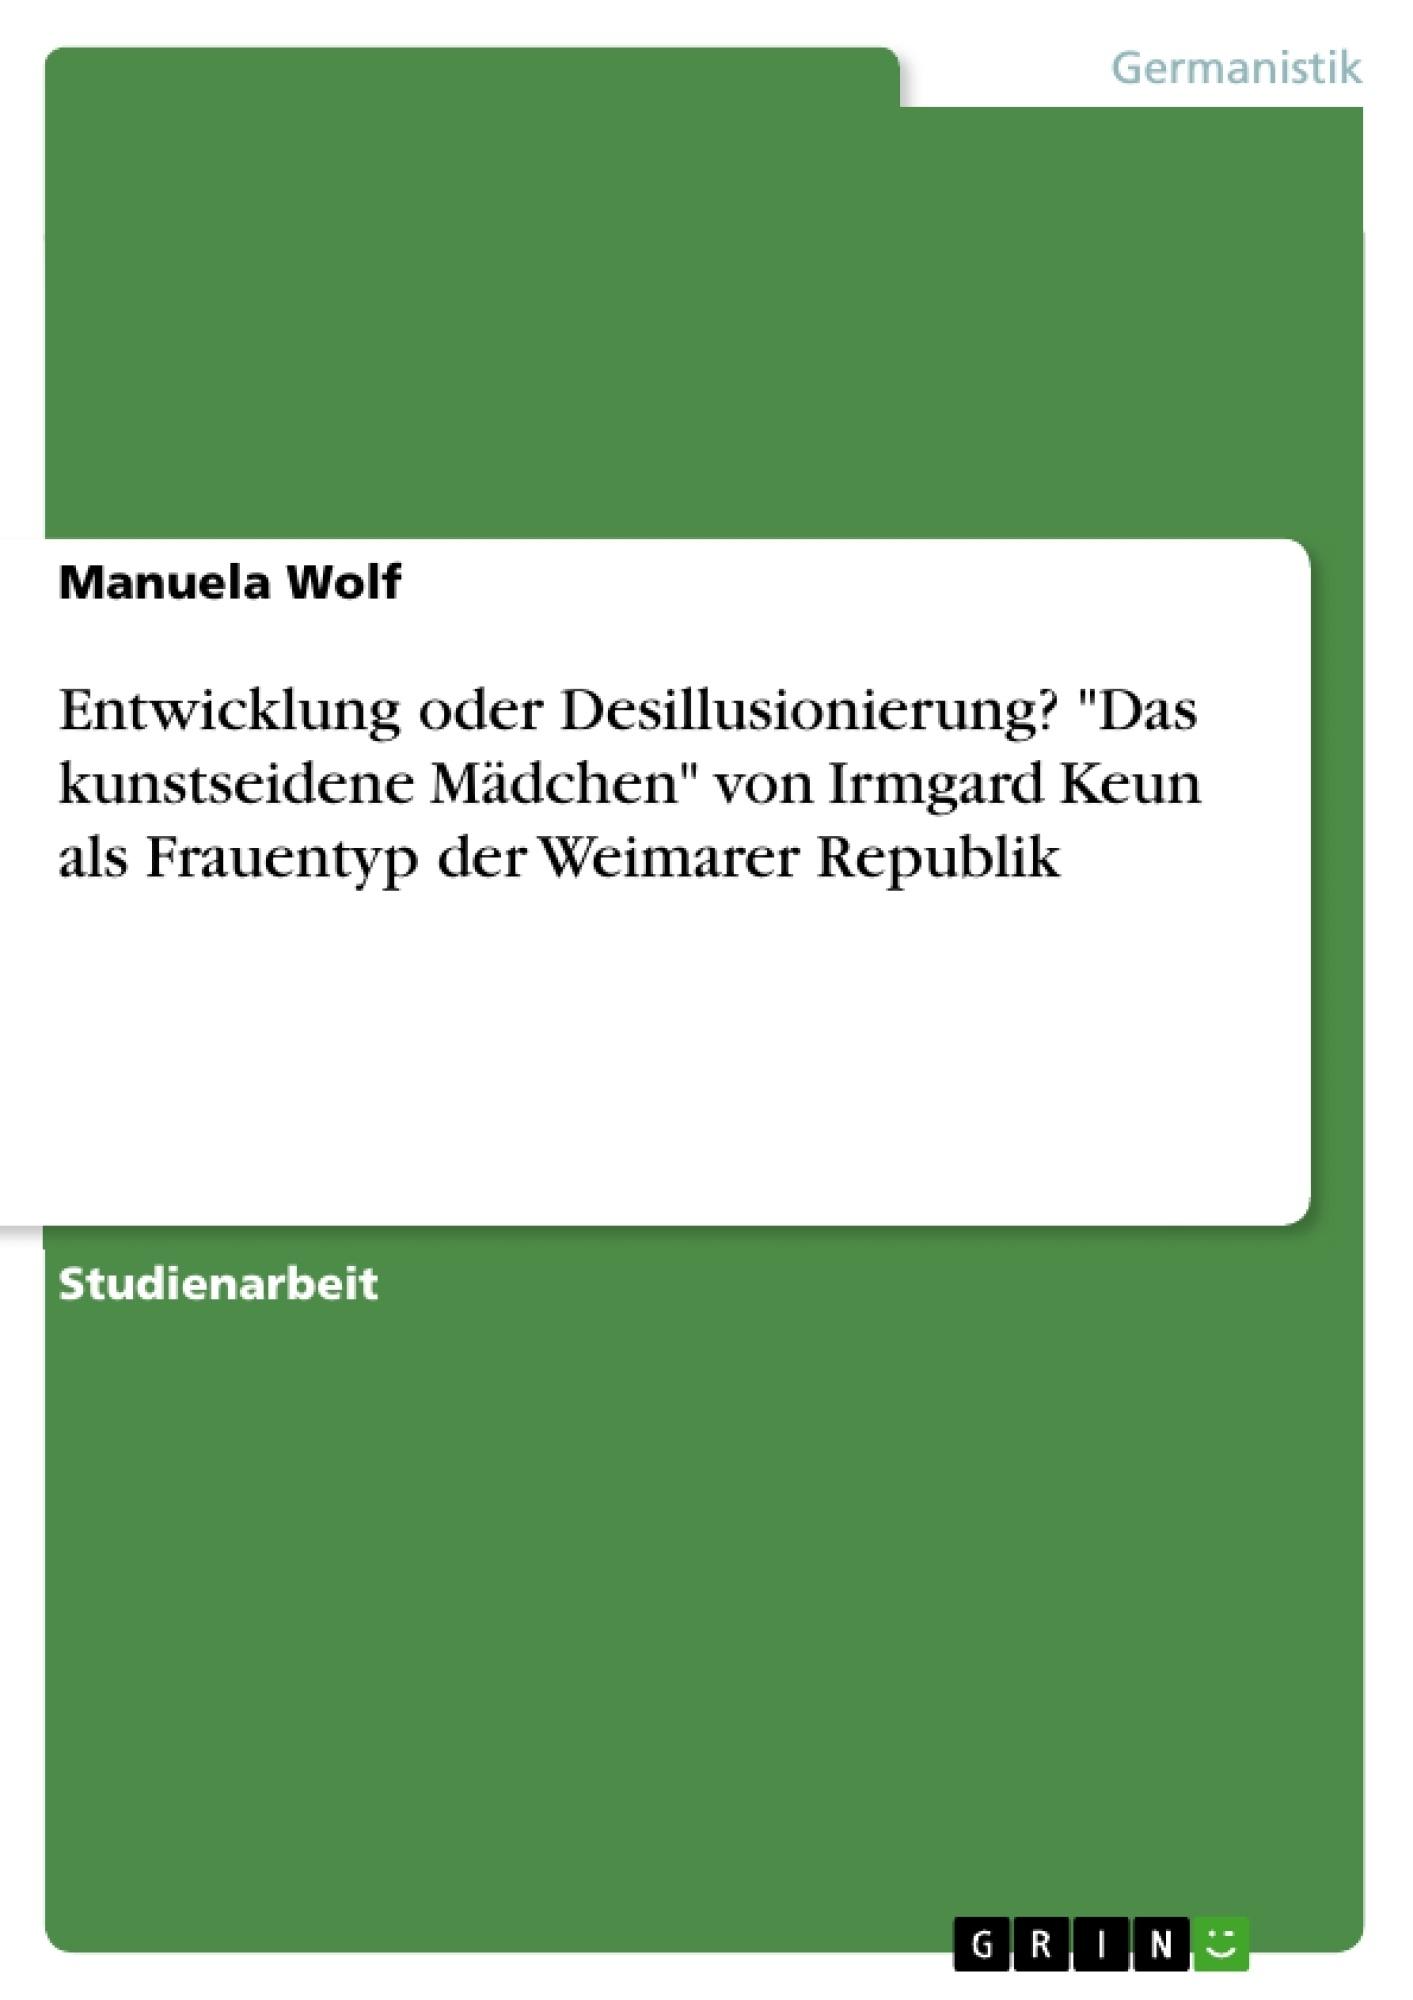 """Titel: Entwicklung oder Desillusionierung? """"Das kunstseidene Mädchen"""" von Irmgard Keun als Frauentyp der Weimarer Republik"""